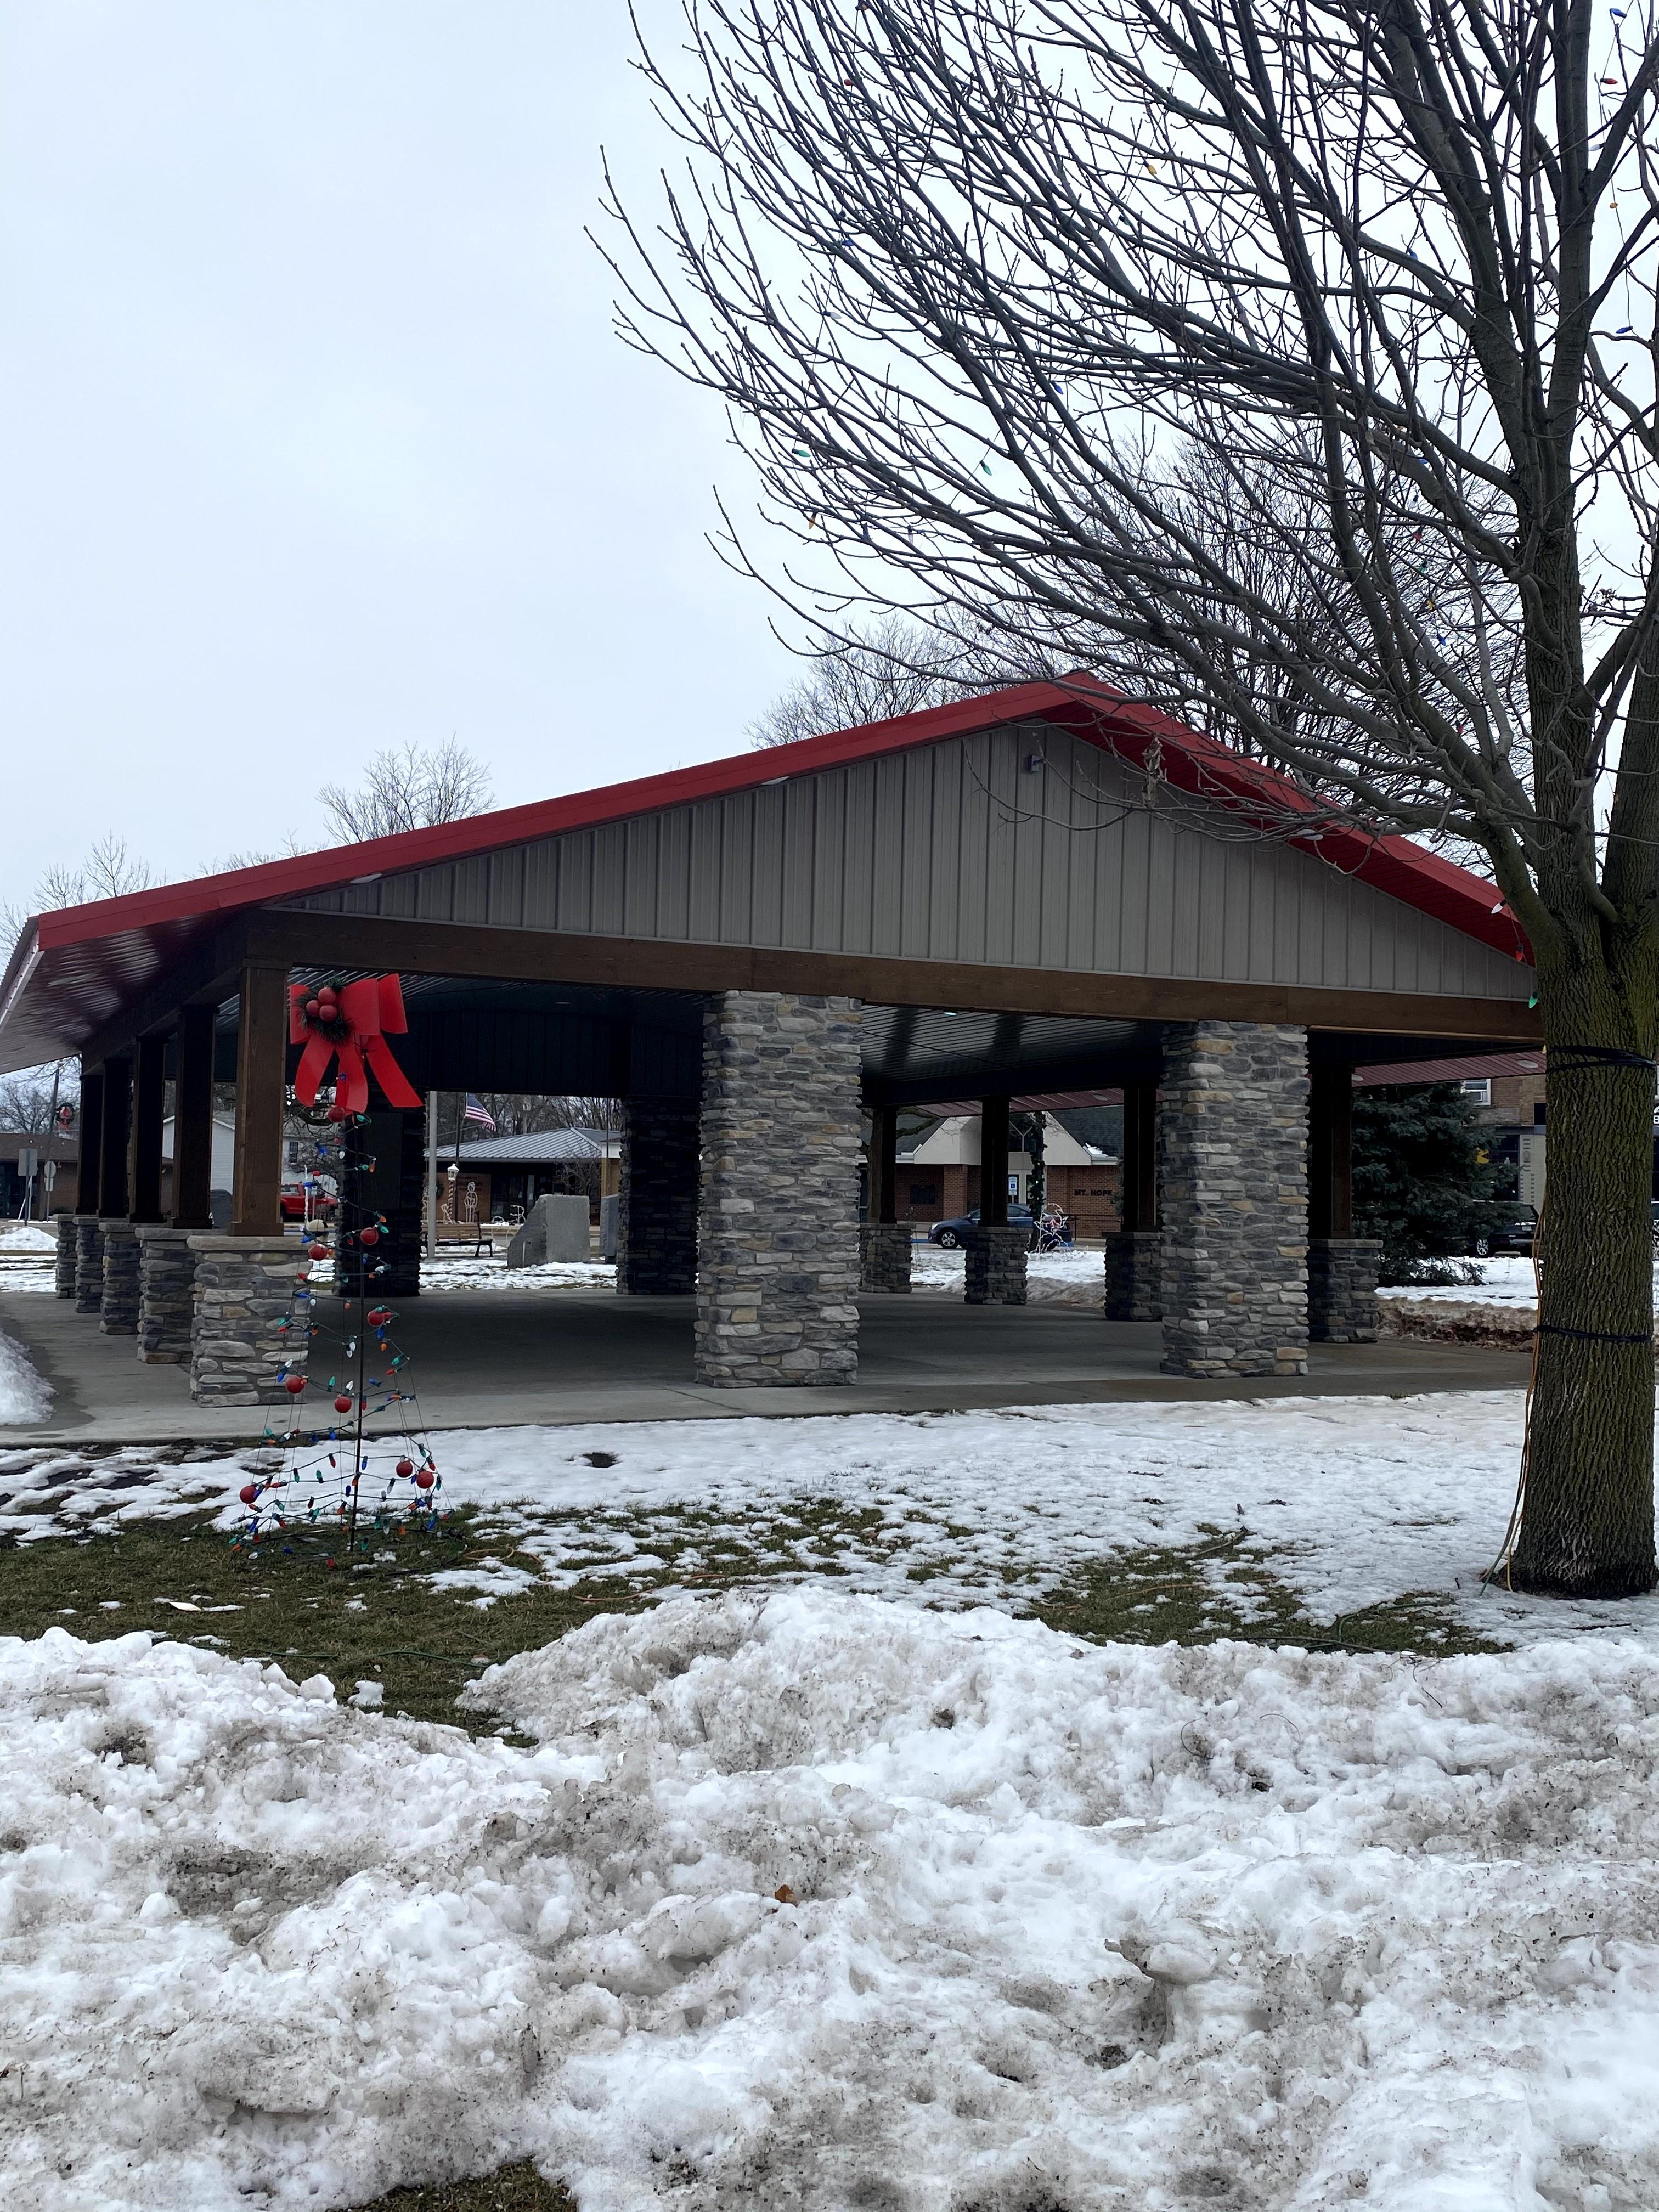 Village of McLean Pavilion